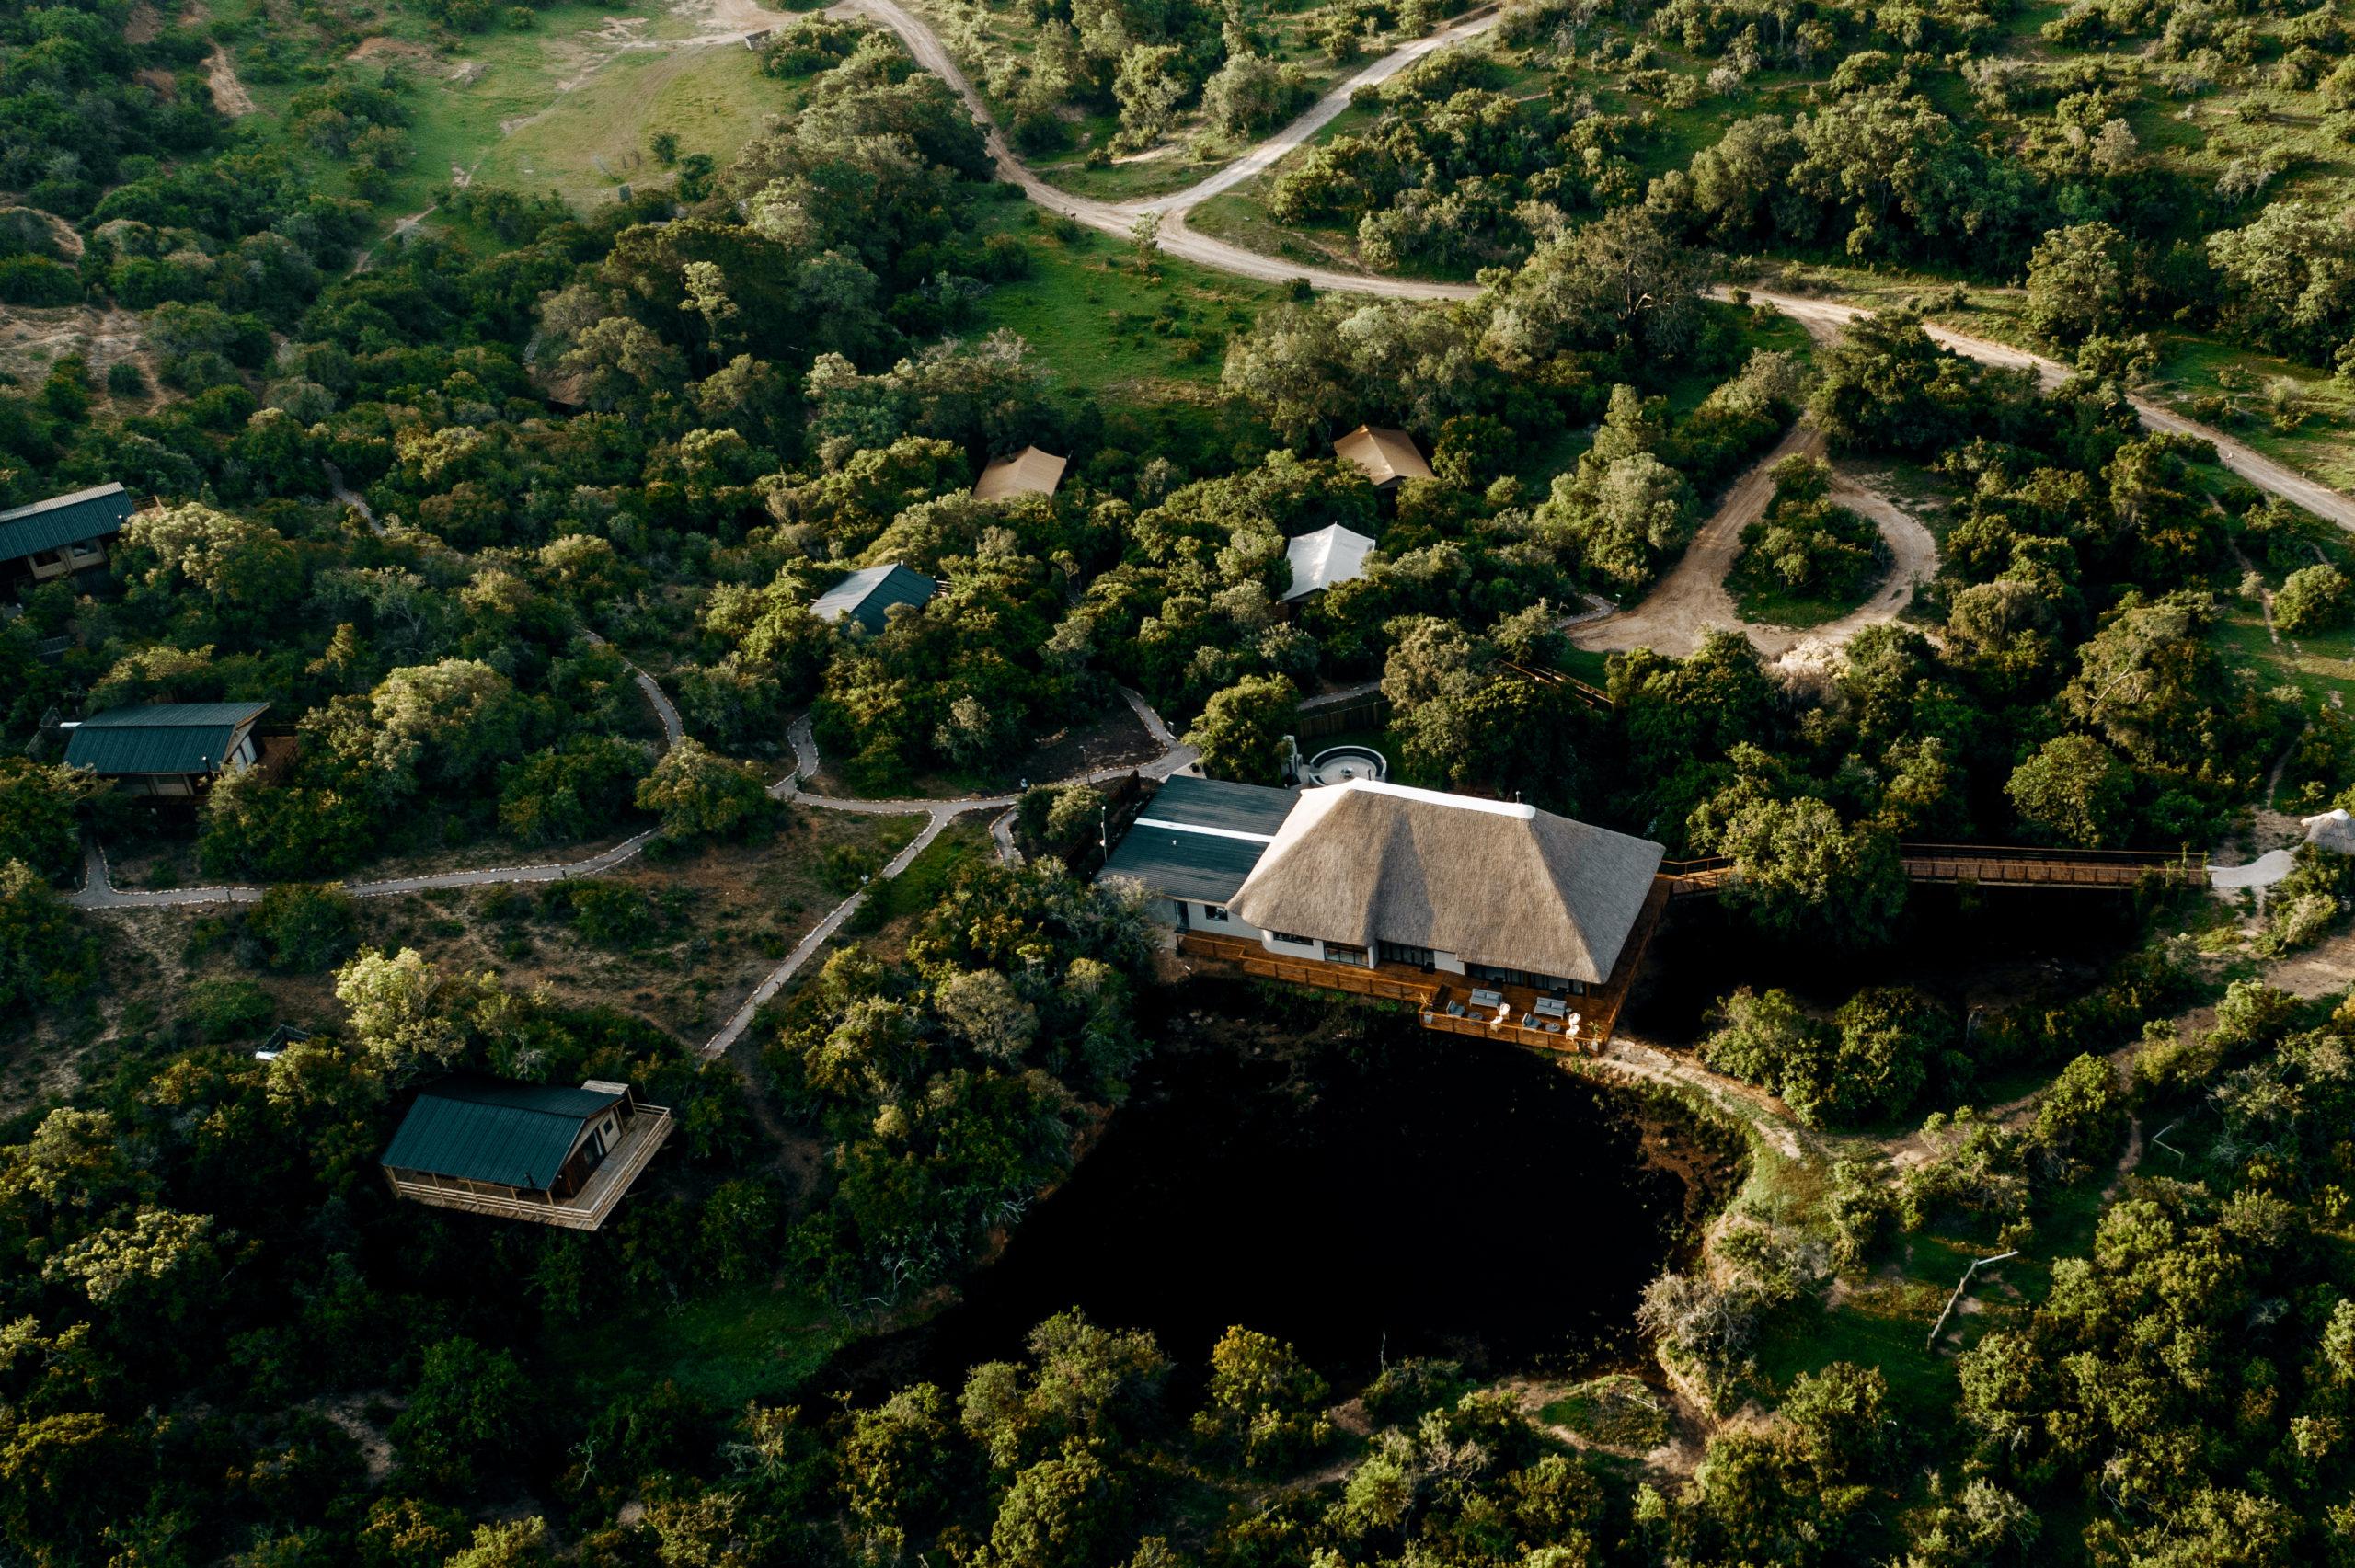 200216_Suedafrika_2020_Drohne_IMG_002-20_RETOUCHED